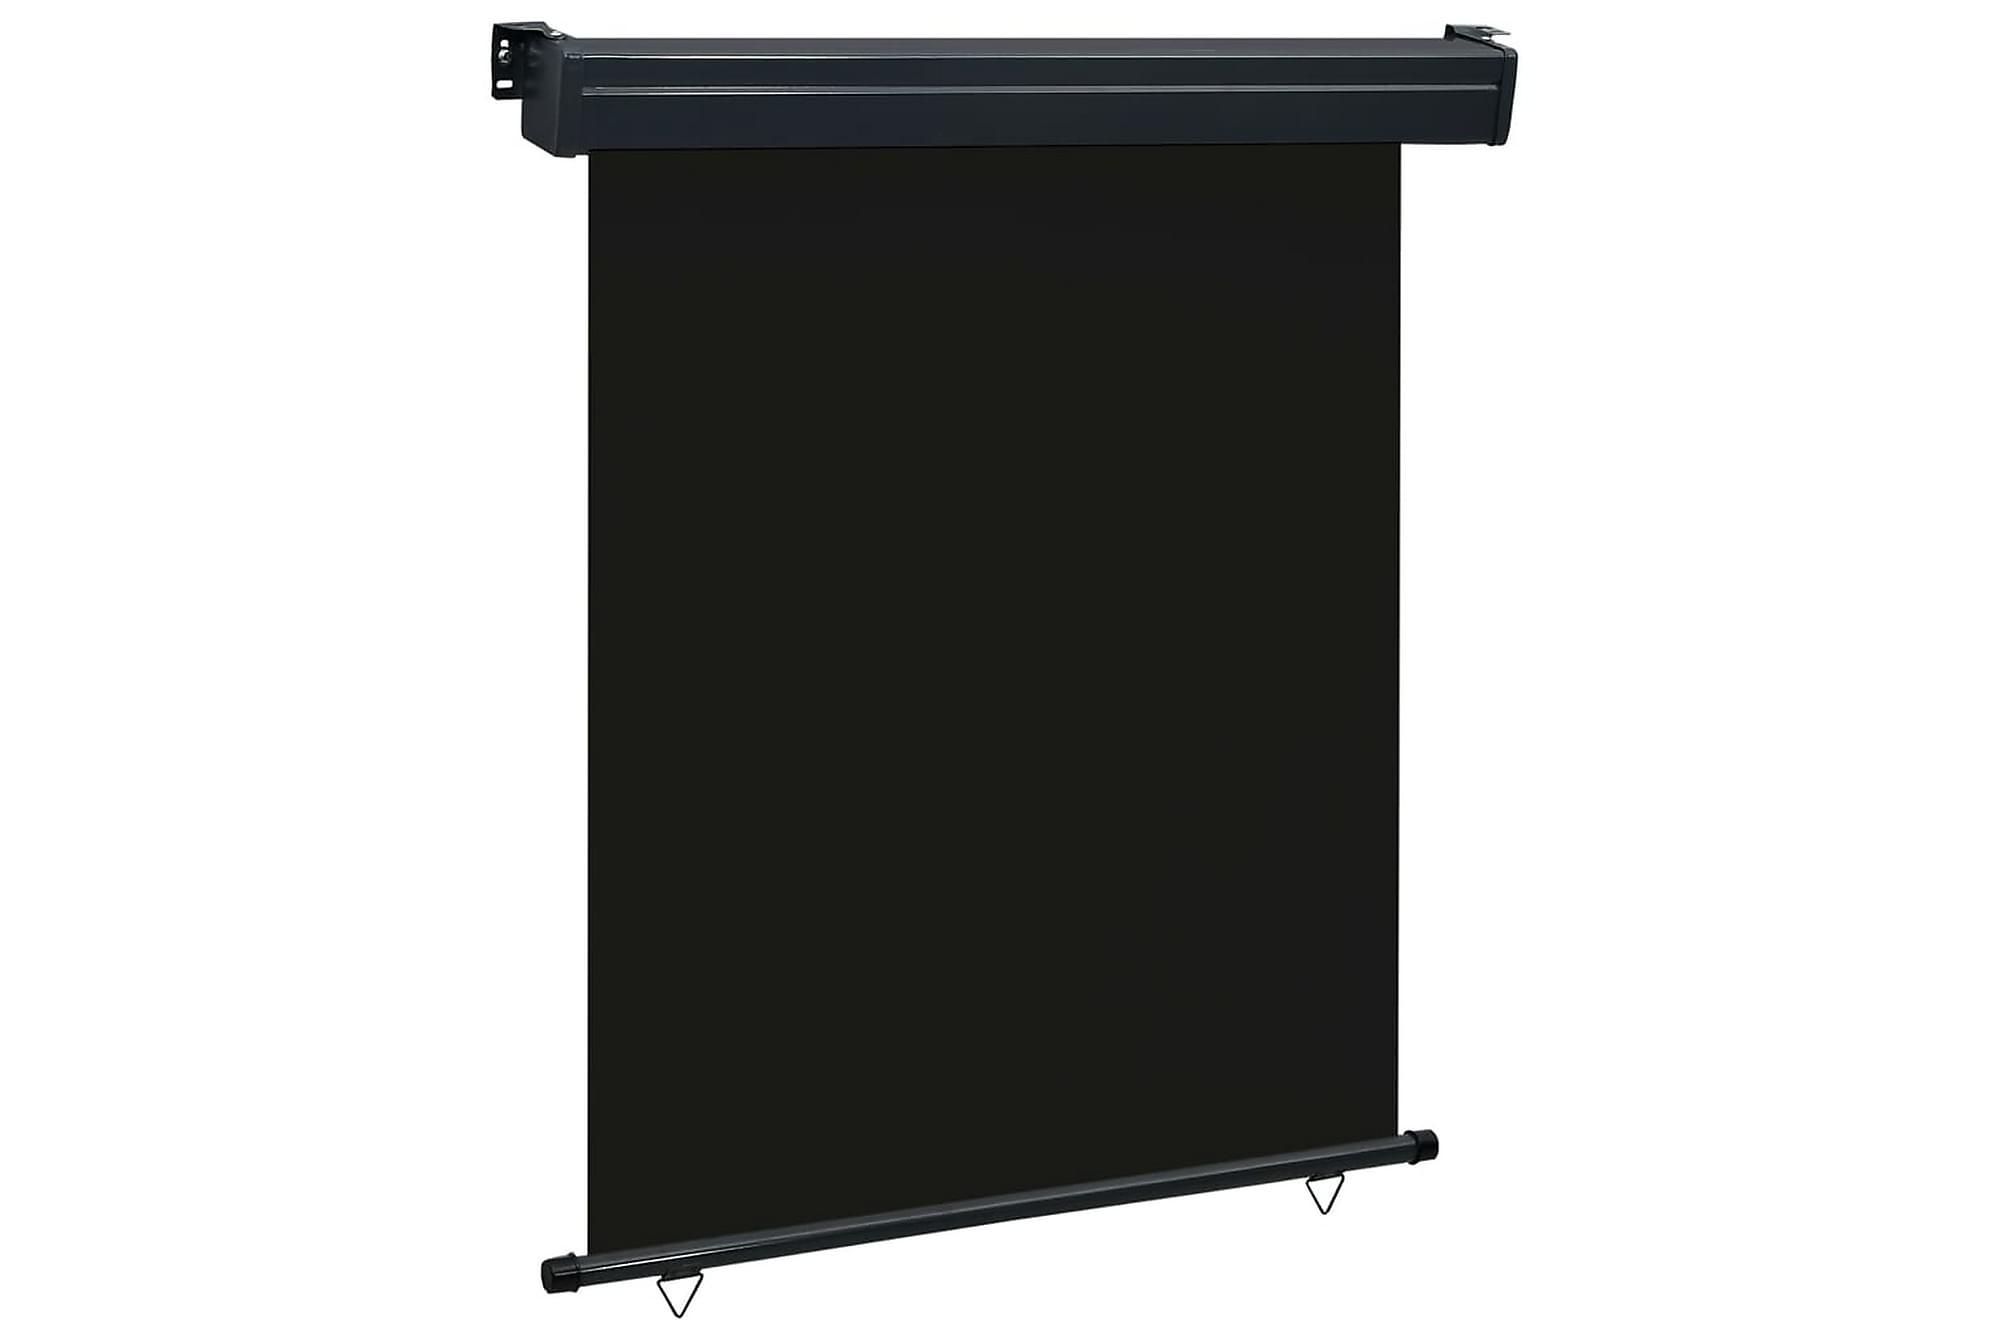 Balkongmarkis 140x250 cm svart, Markiser